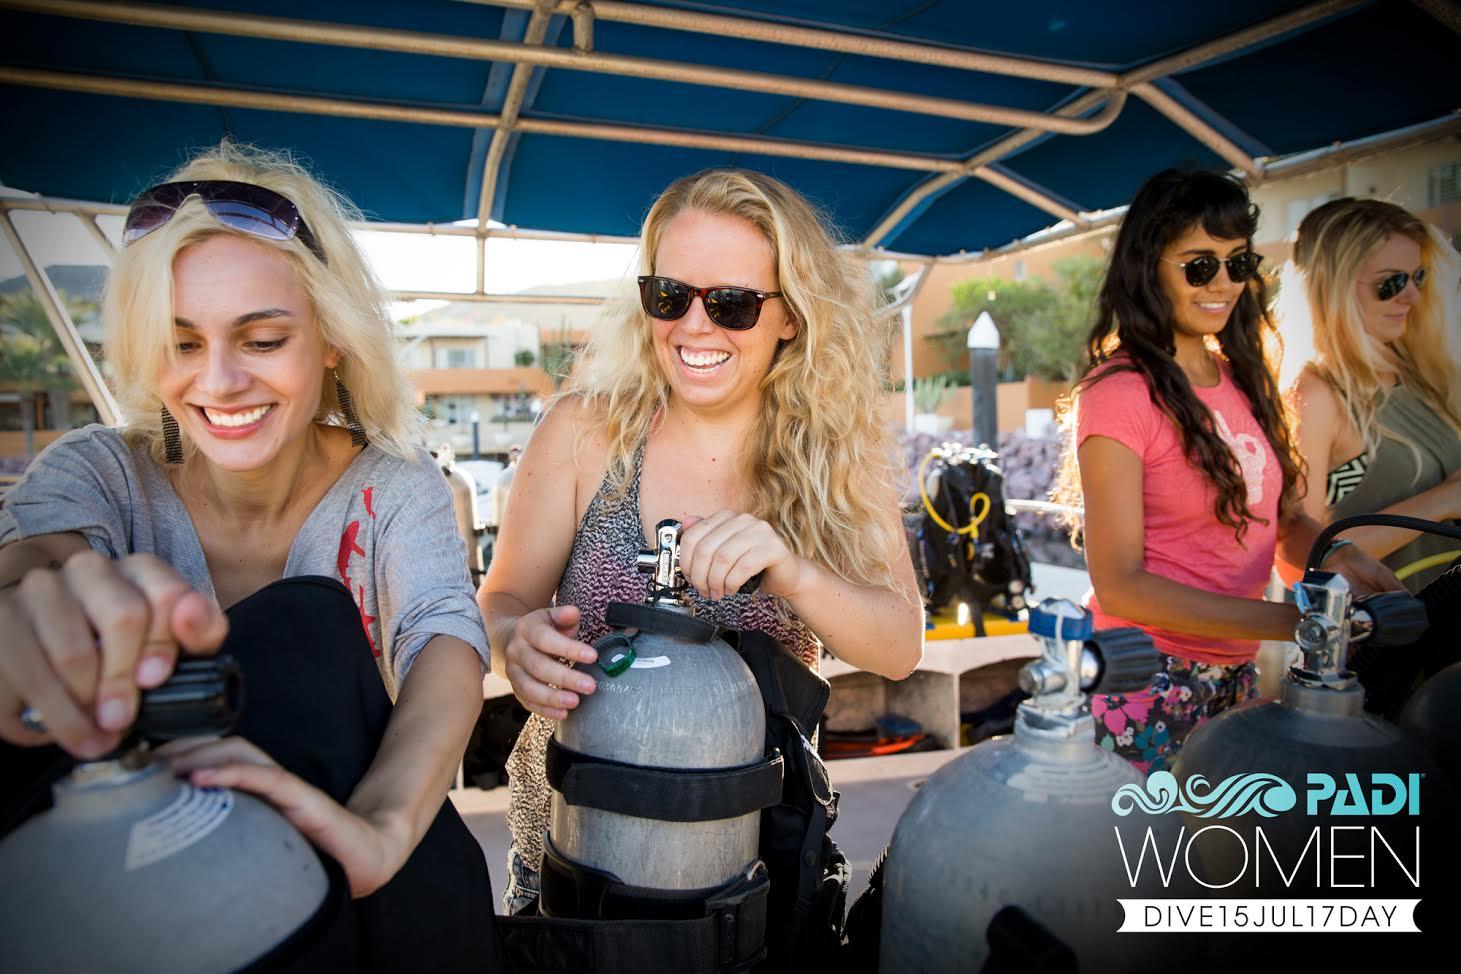 PADI Women's Dive Day Is Just Around The Corner